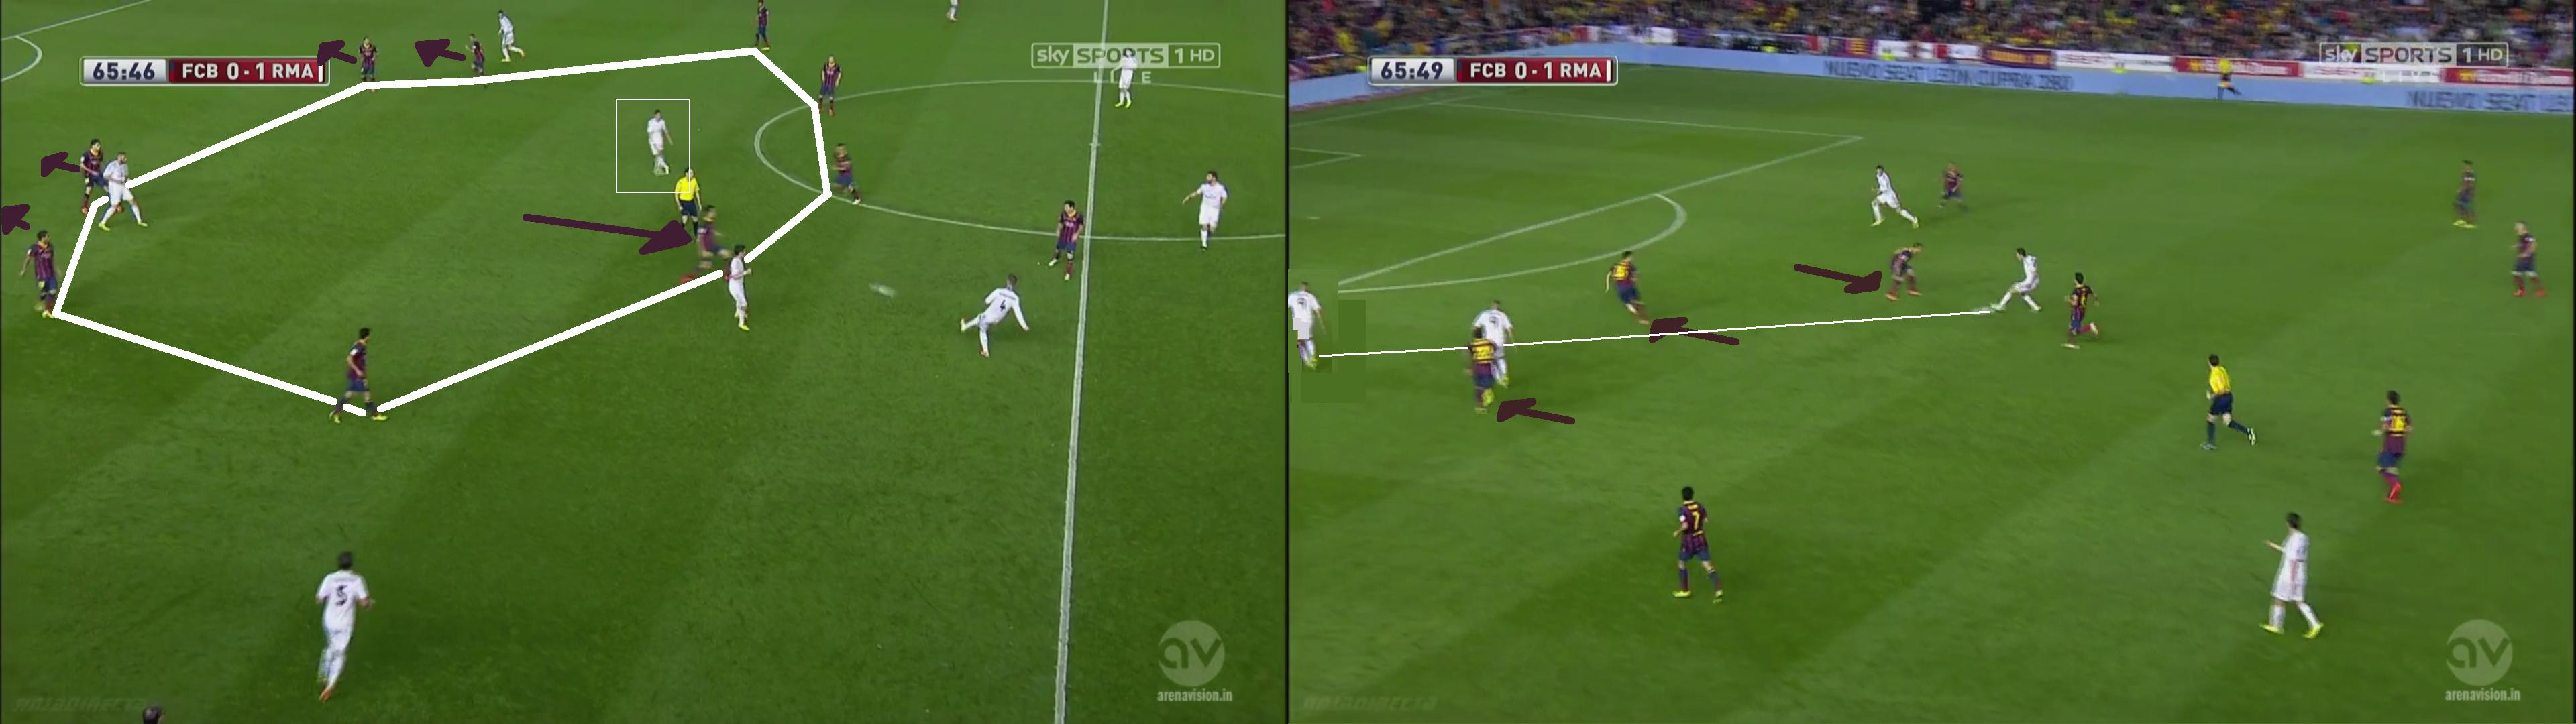 Sur cette occasion de Benzema, le Barça fait encore parler son incohérence défensive : Busquets sort quand la défense recule sur la passe de Ramos, et Mascherano sort quand Bartra recule sur celle de Di Maria.